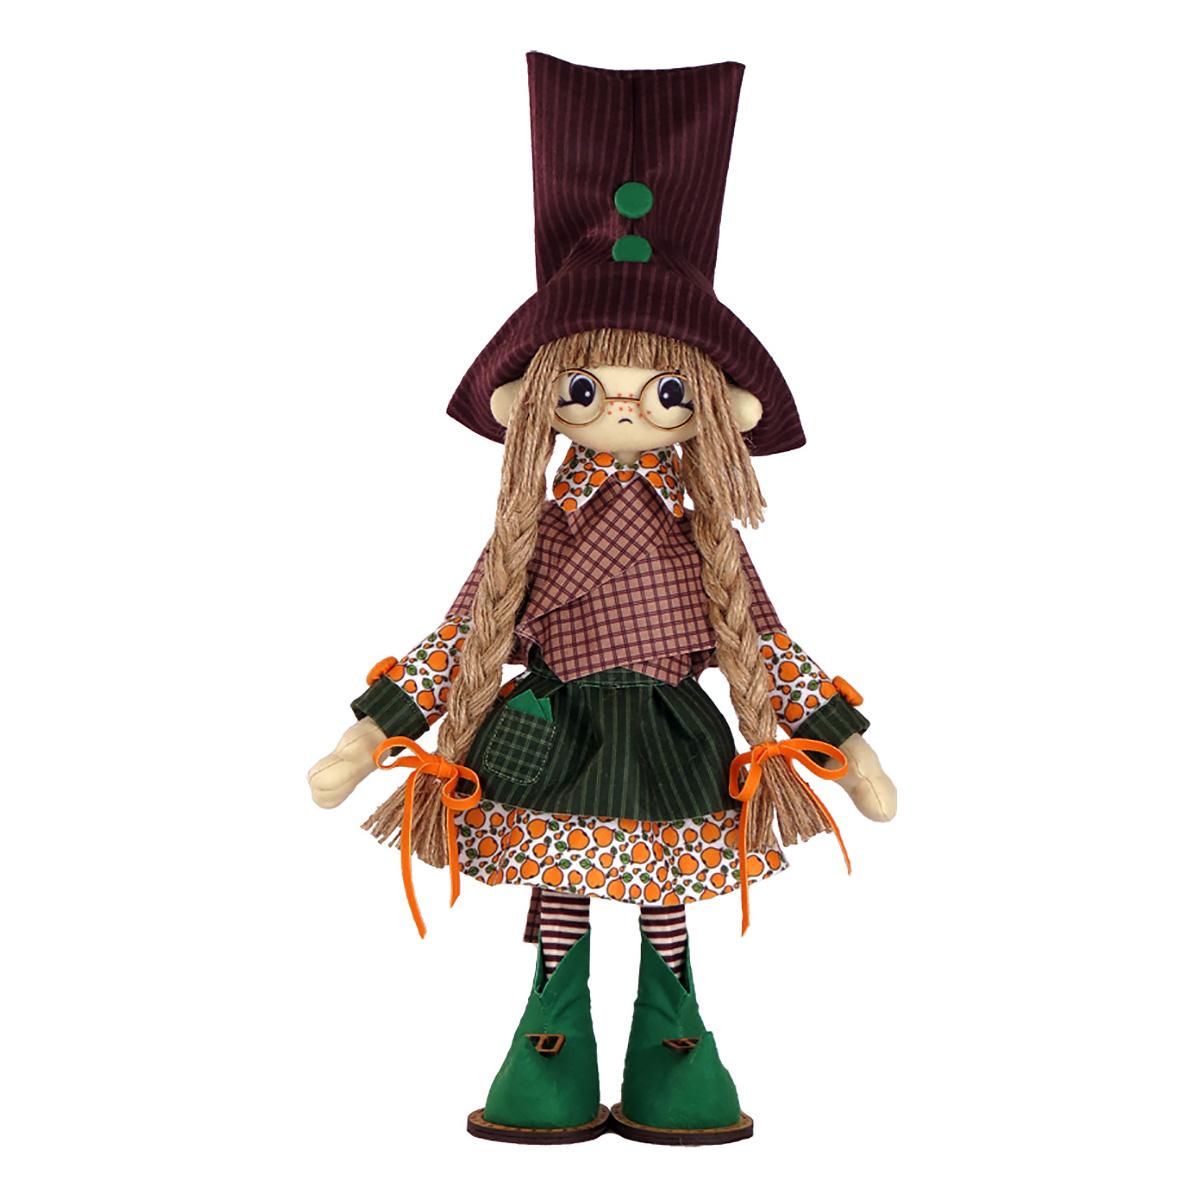 К1065 Набор для создания каркасной текстильной куклы 'Катарина' 50см